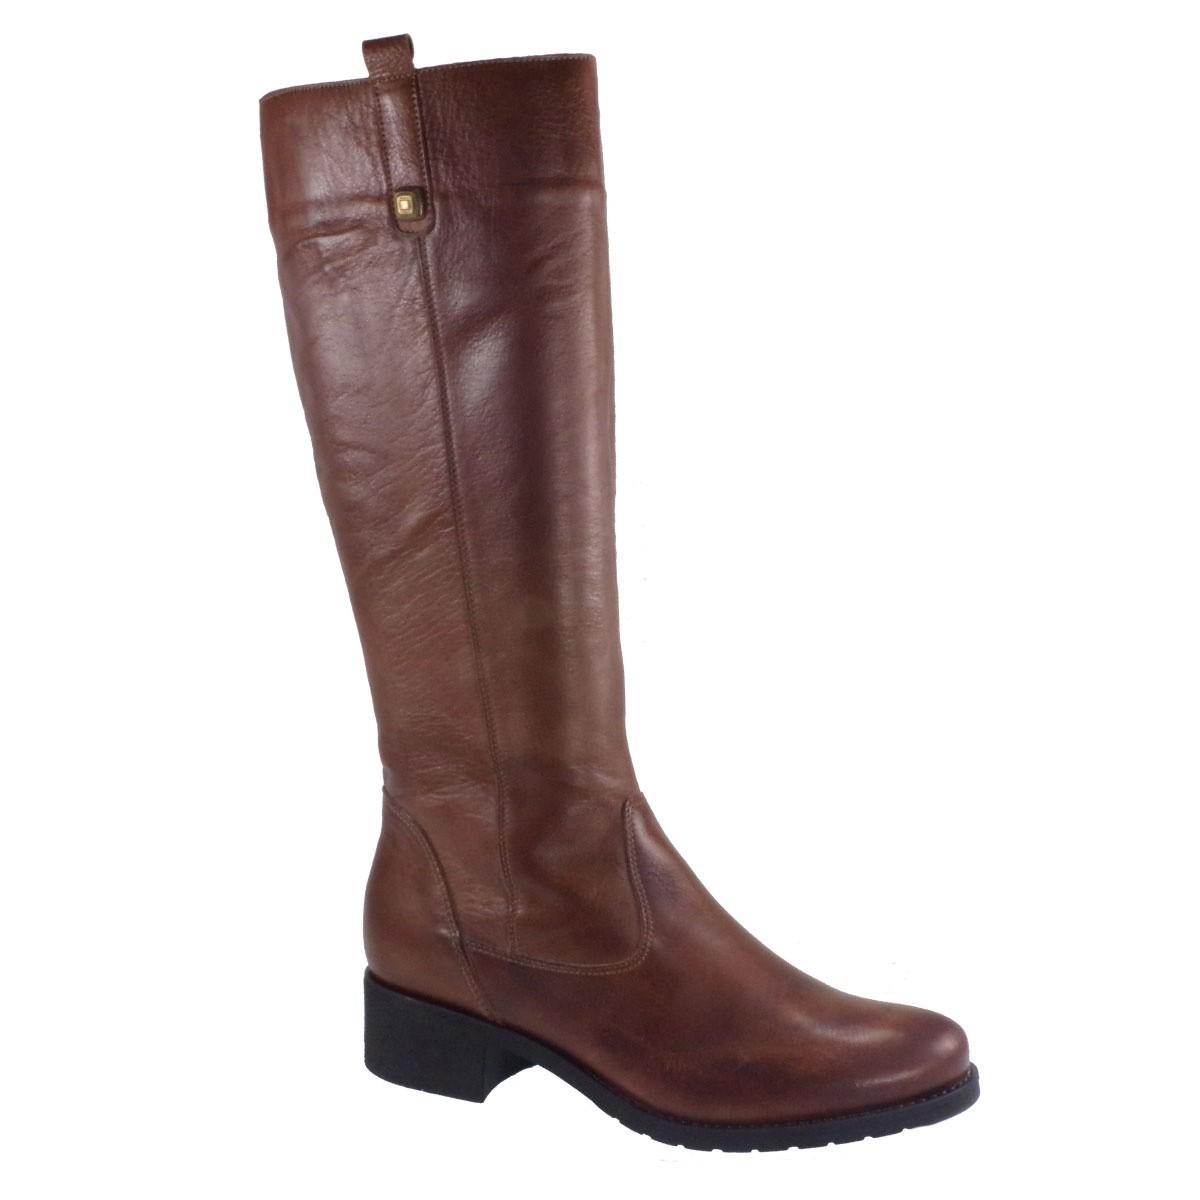 Fardoulis Shoes Γυναικεία Παπούτσια Μπότα 1803 Ταμπά Δέρμα